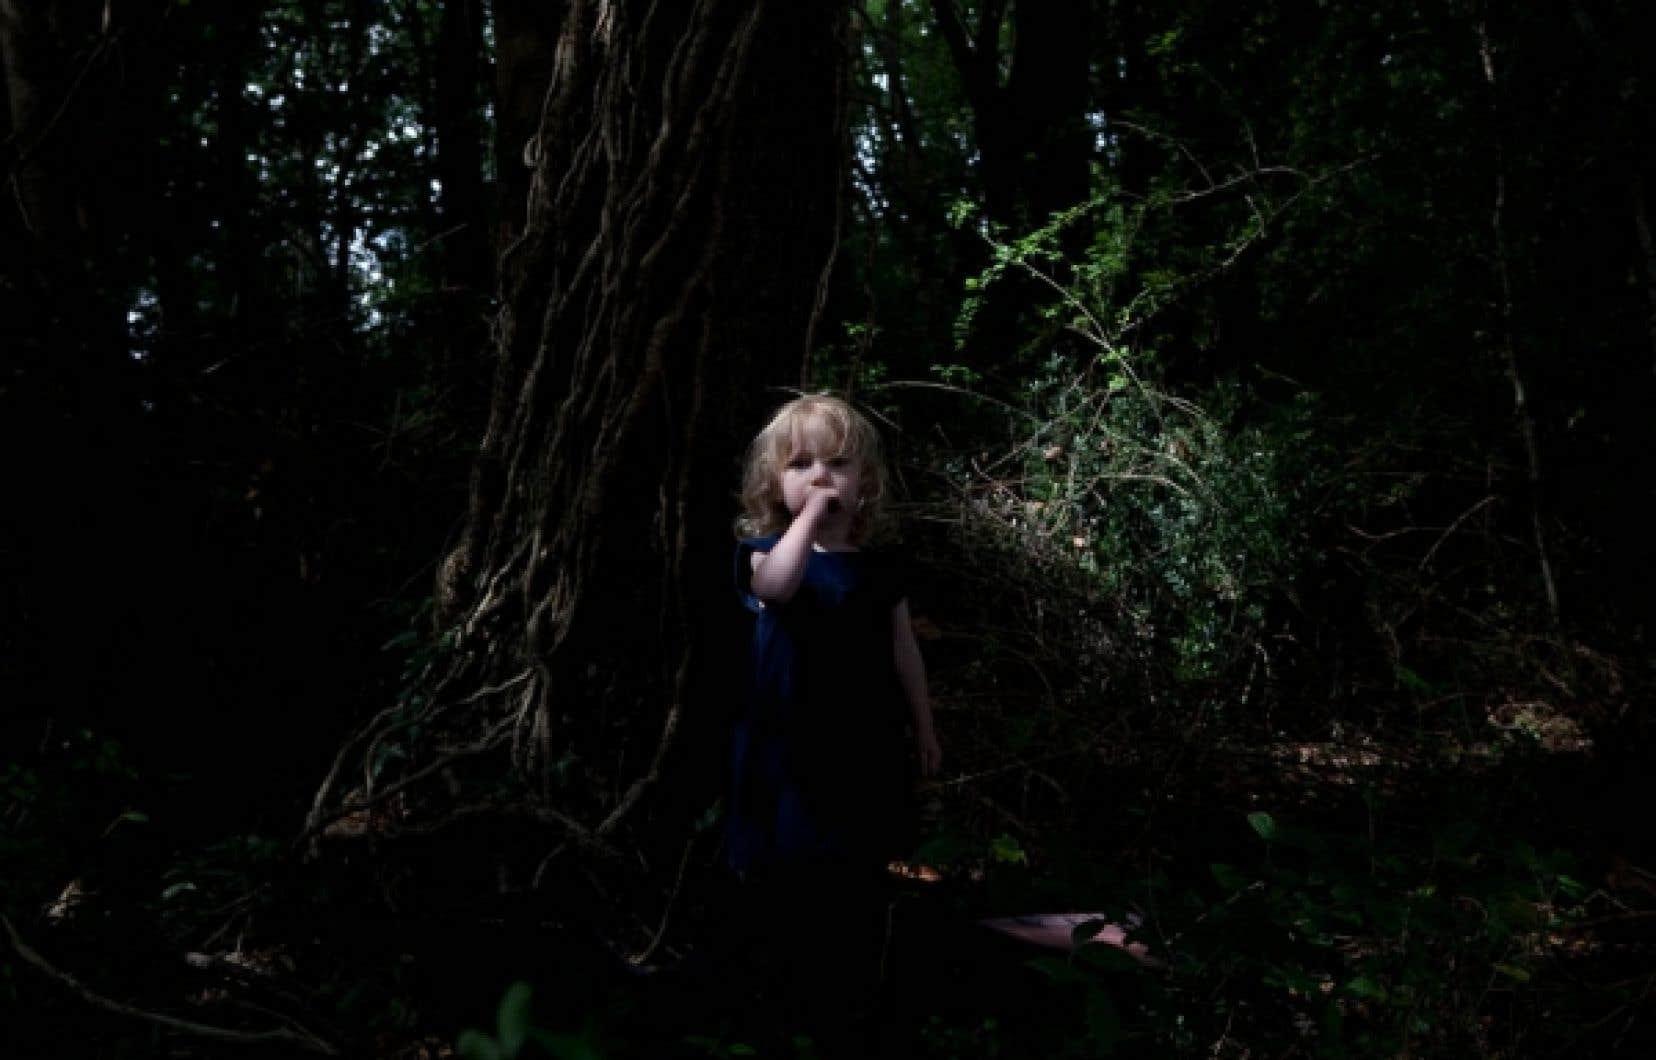 Née à Strasbourg en 1978, la photographe Catherine Pachowski joue avec la notion de vrai et de faux, tout en se passionnant, dans l'ensemble de son travail, pour les arbres. Le conteur Fred Pellerin l'a rencontrée à Paris.